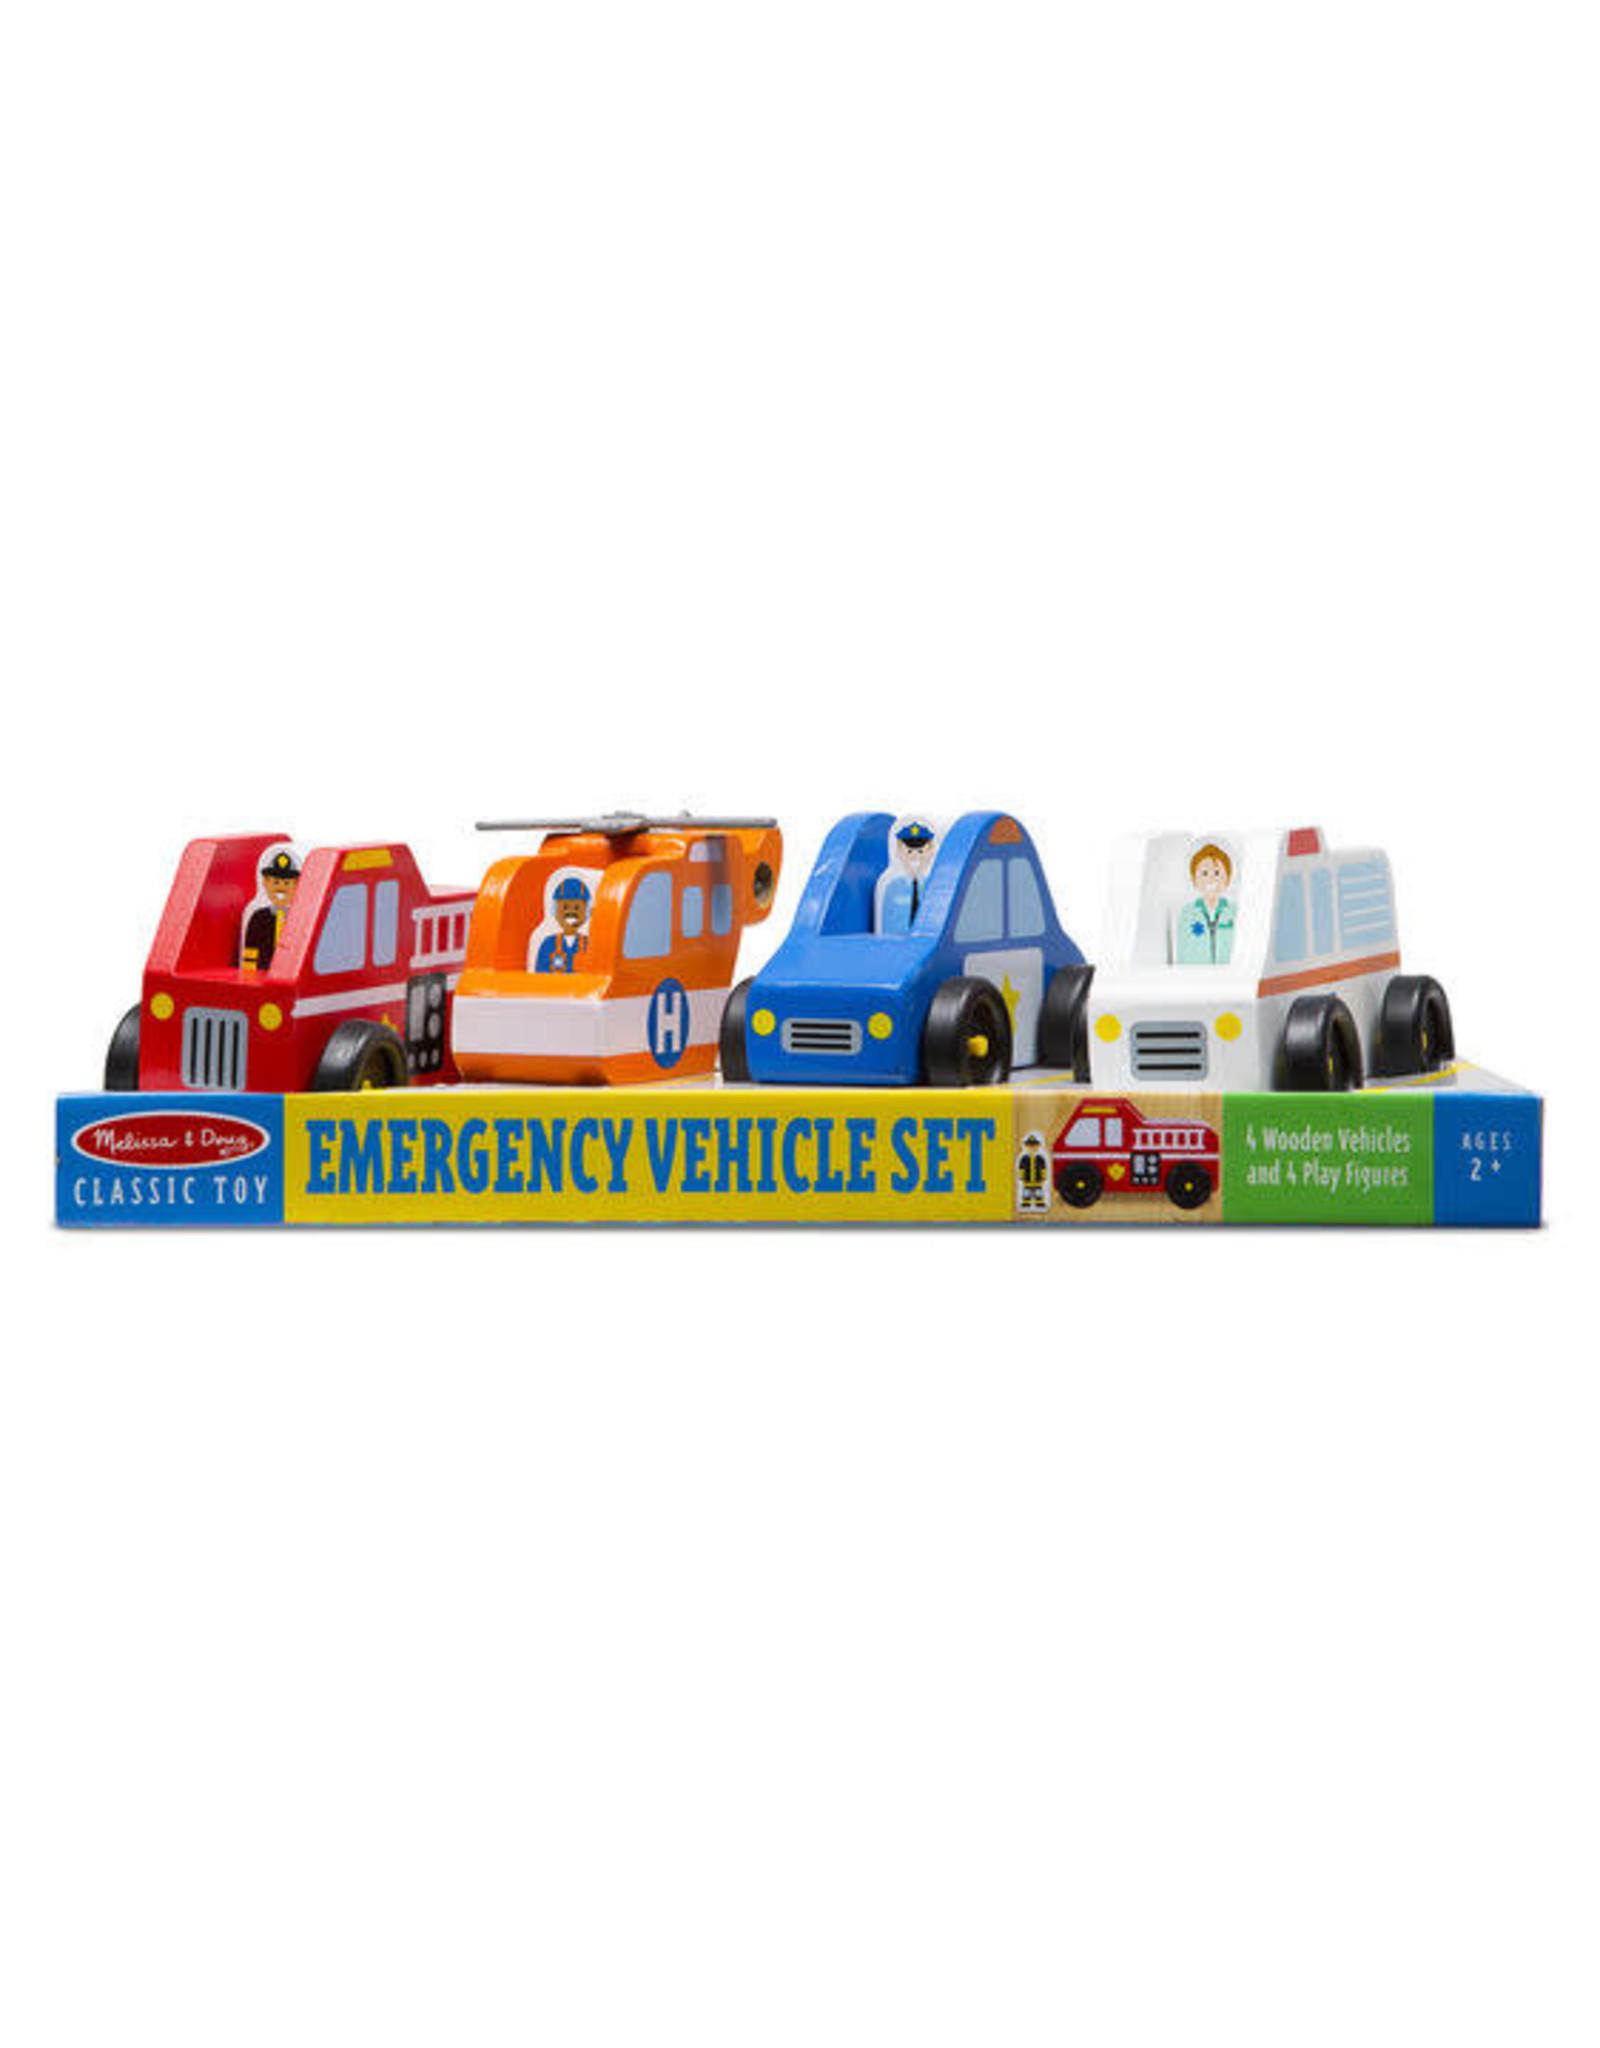 Melissa & Doug Melissa & Doug: Emergency Vehicle Set